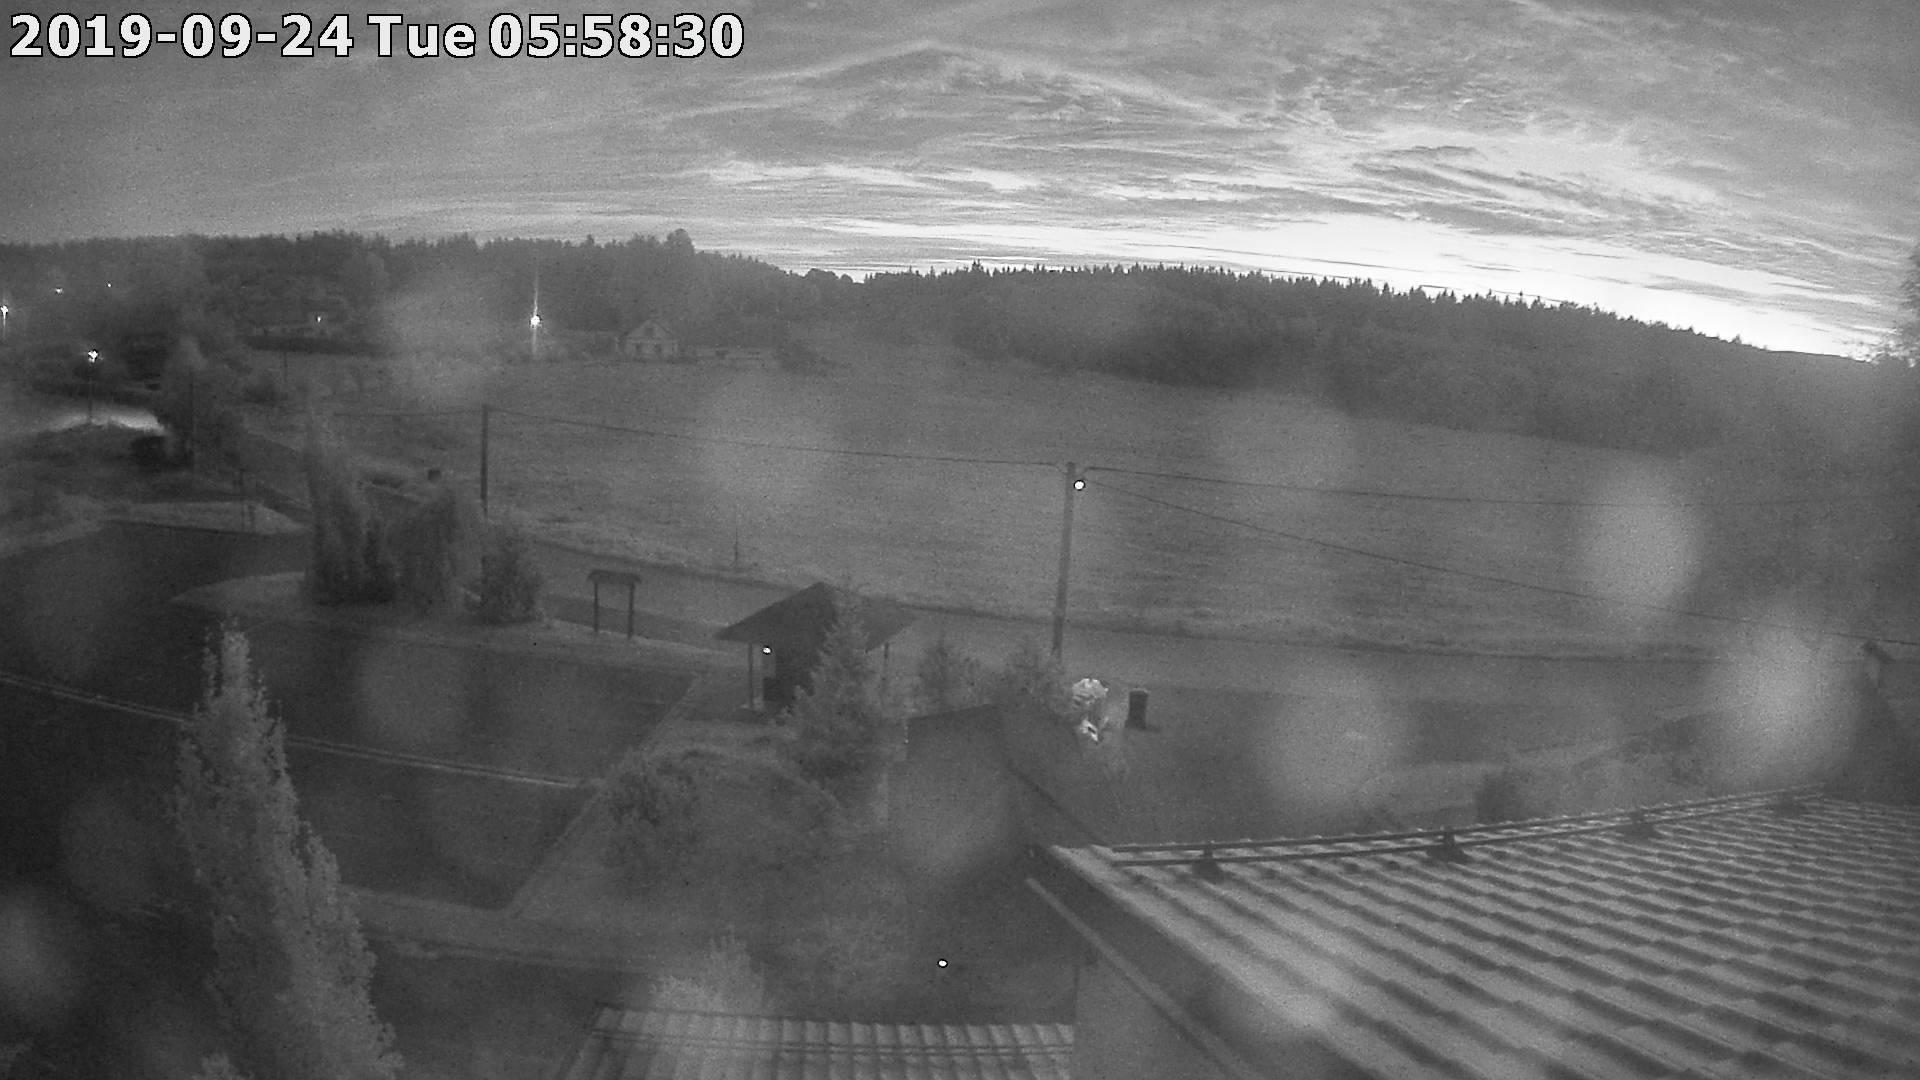 Webkamera ze dne 2019-09-24